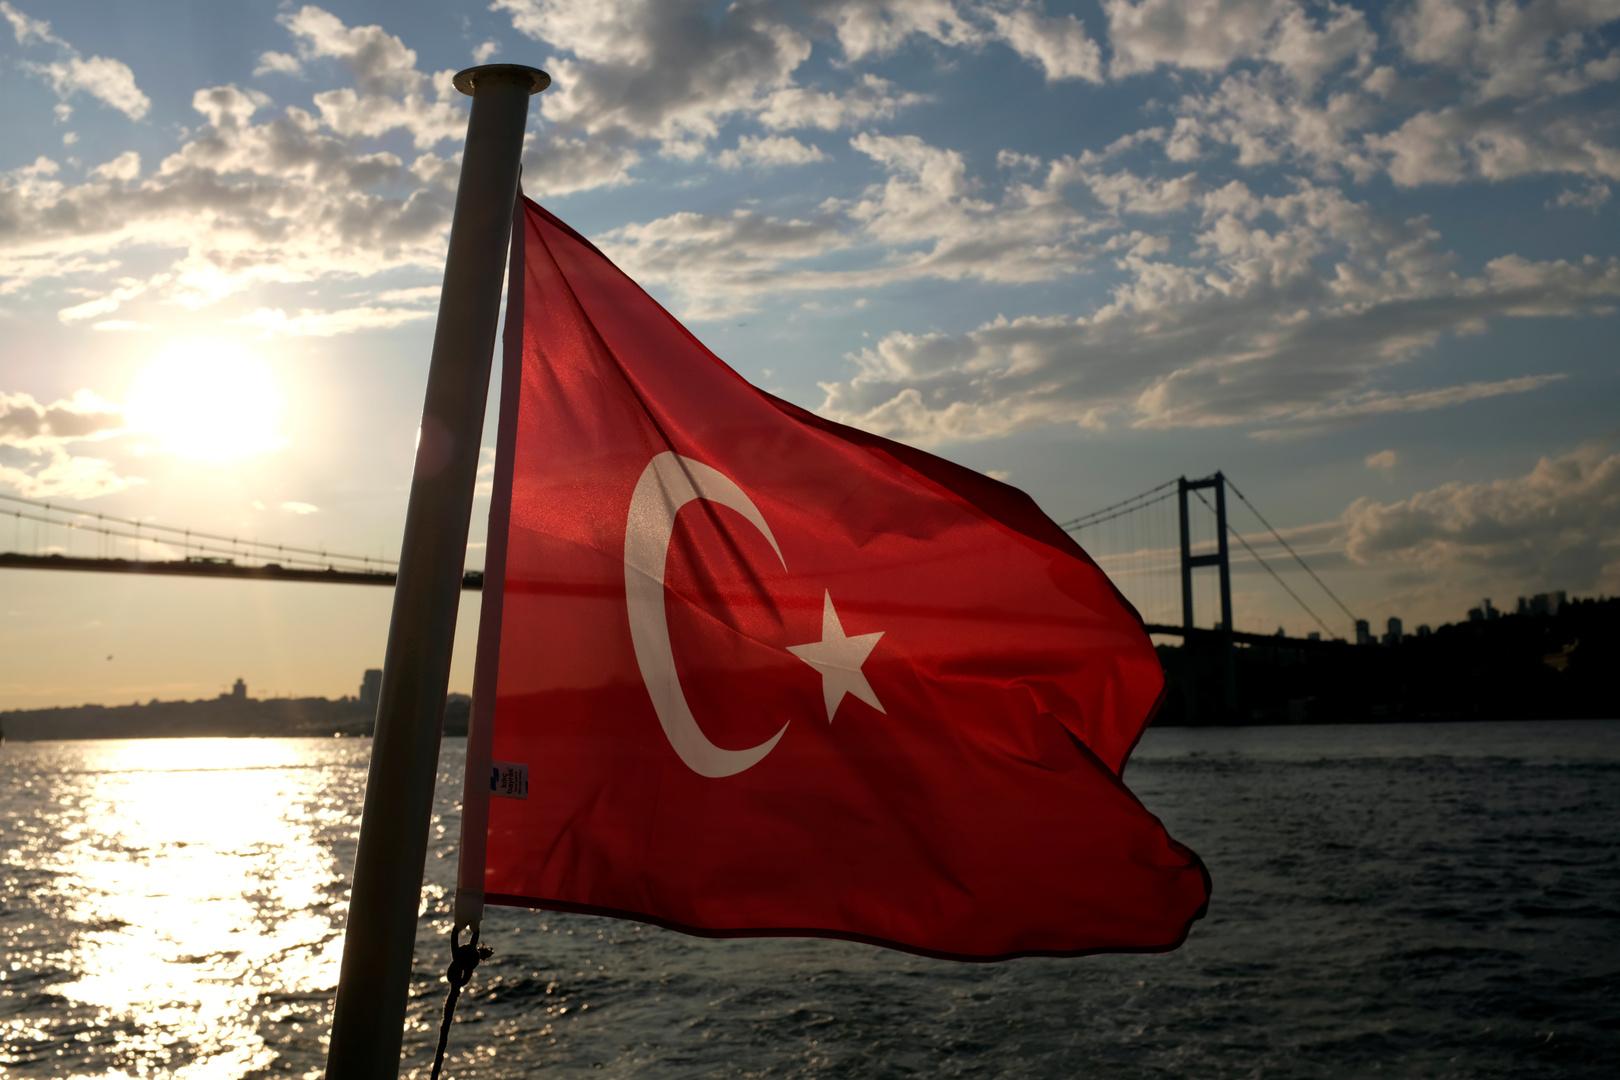 حزب العدالة والتنمية التركي يقدم مقترحا لتشكيل مجموعة صداقة مع مصر